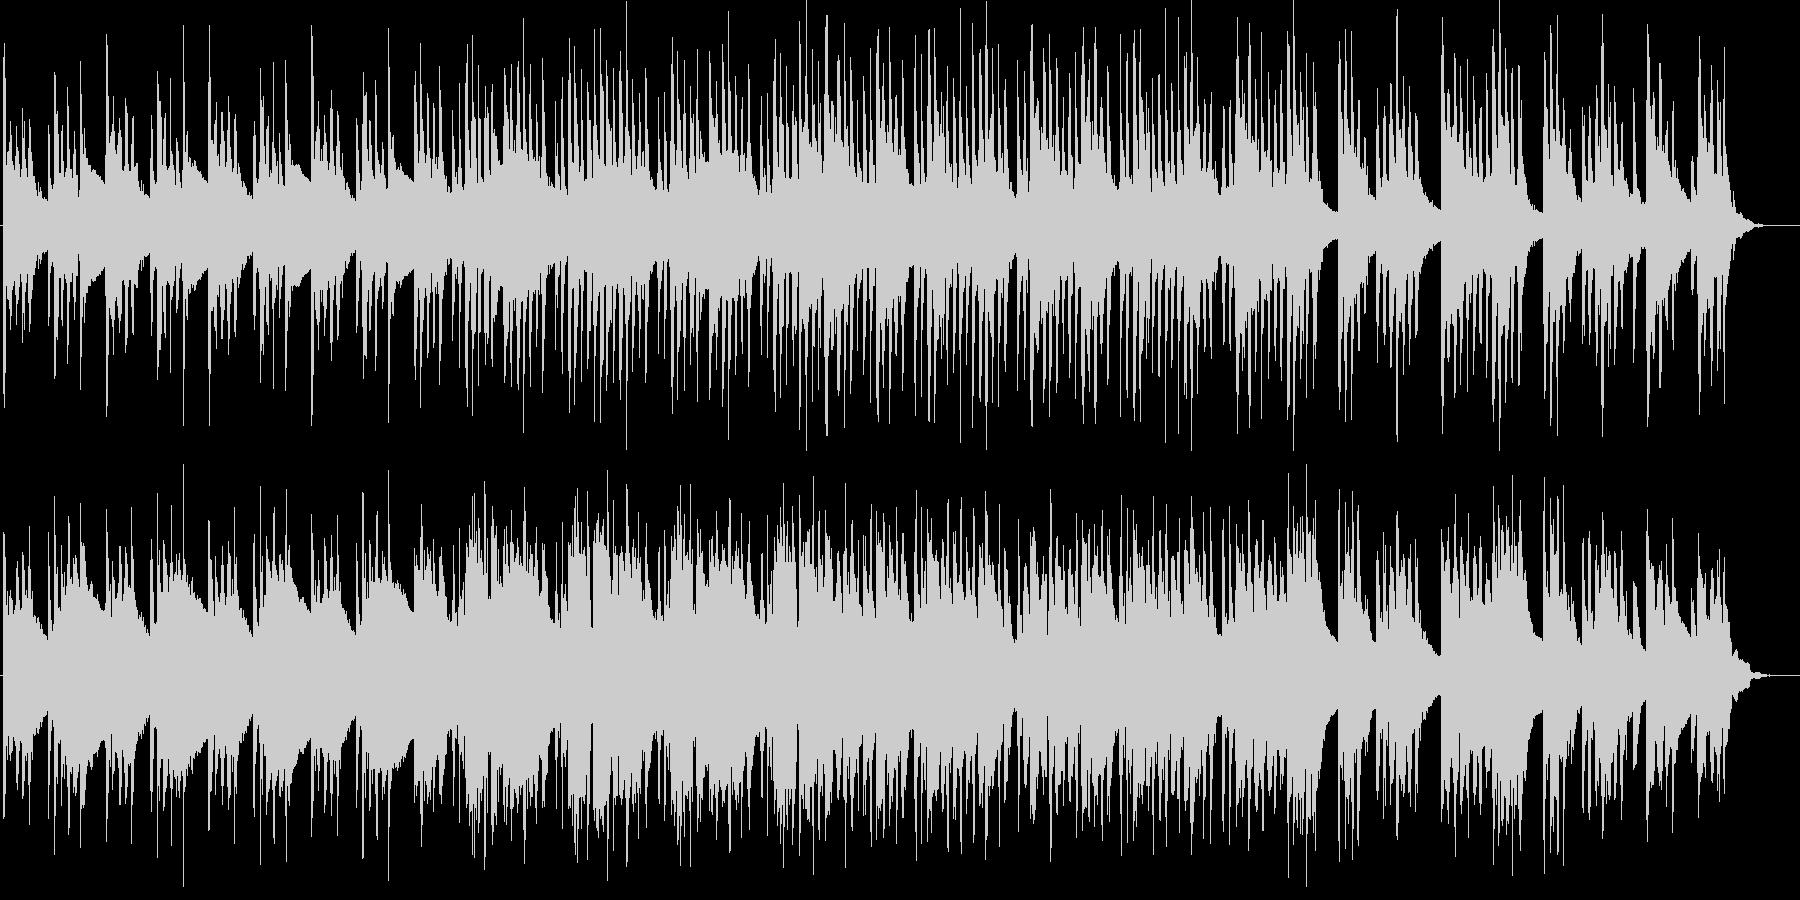 ストリングスとオルゴールの優しい和風曲の未再生の波形